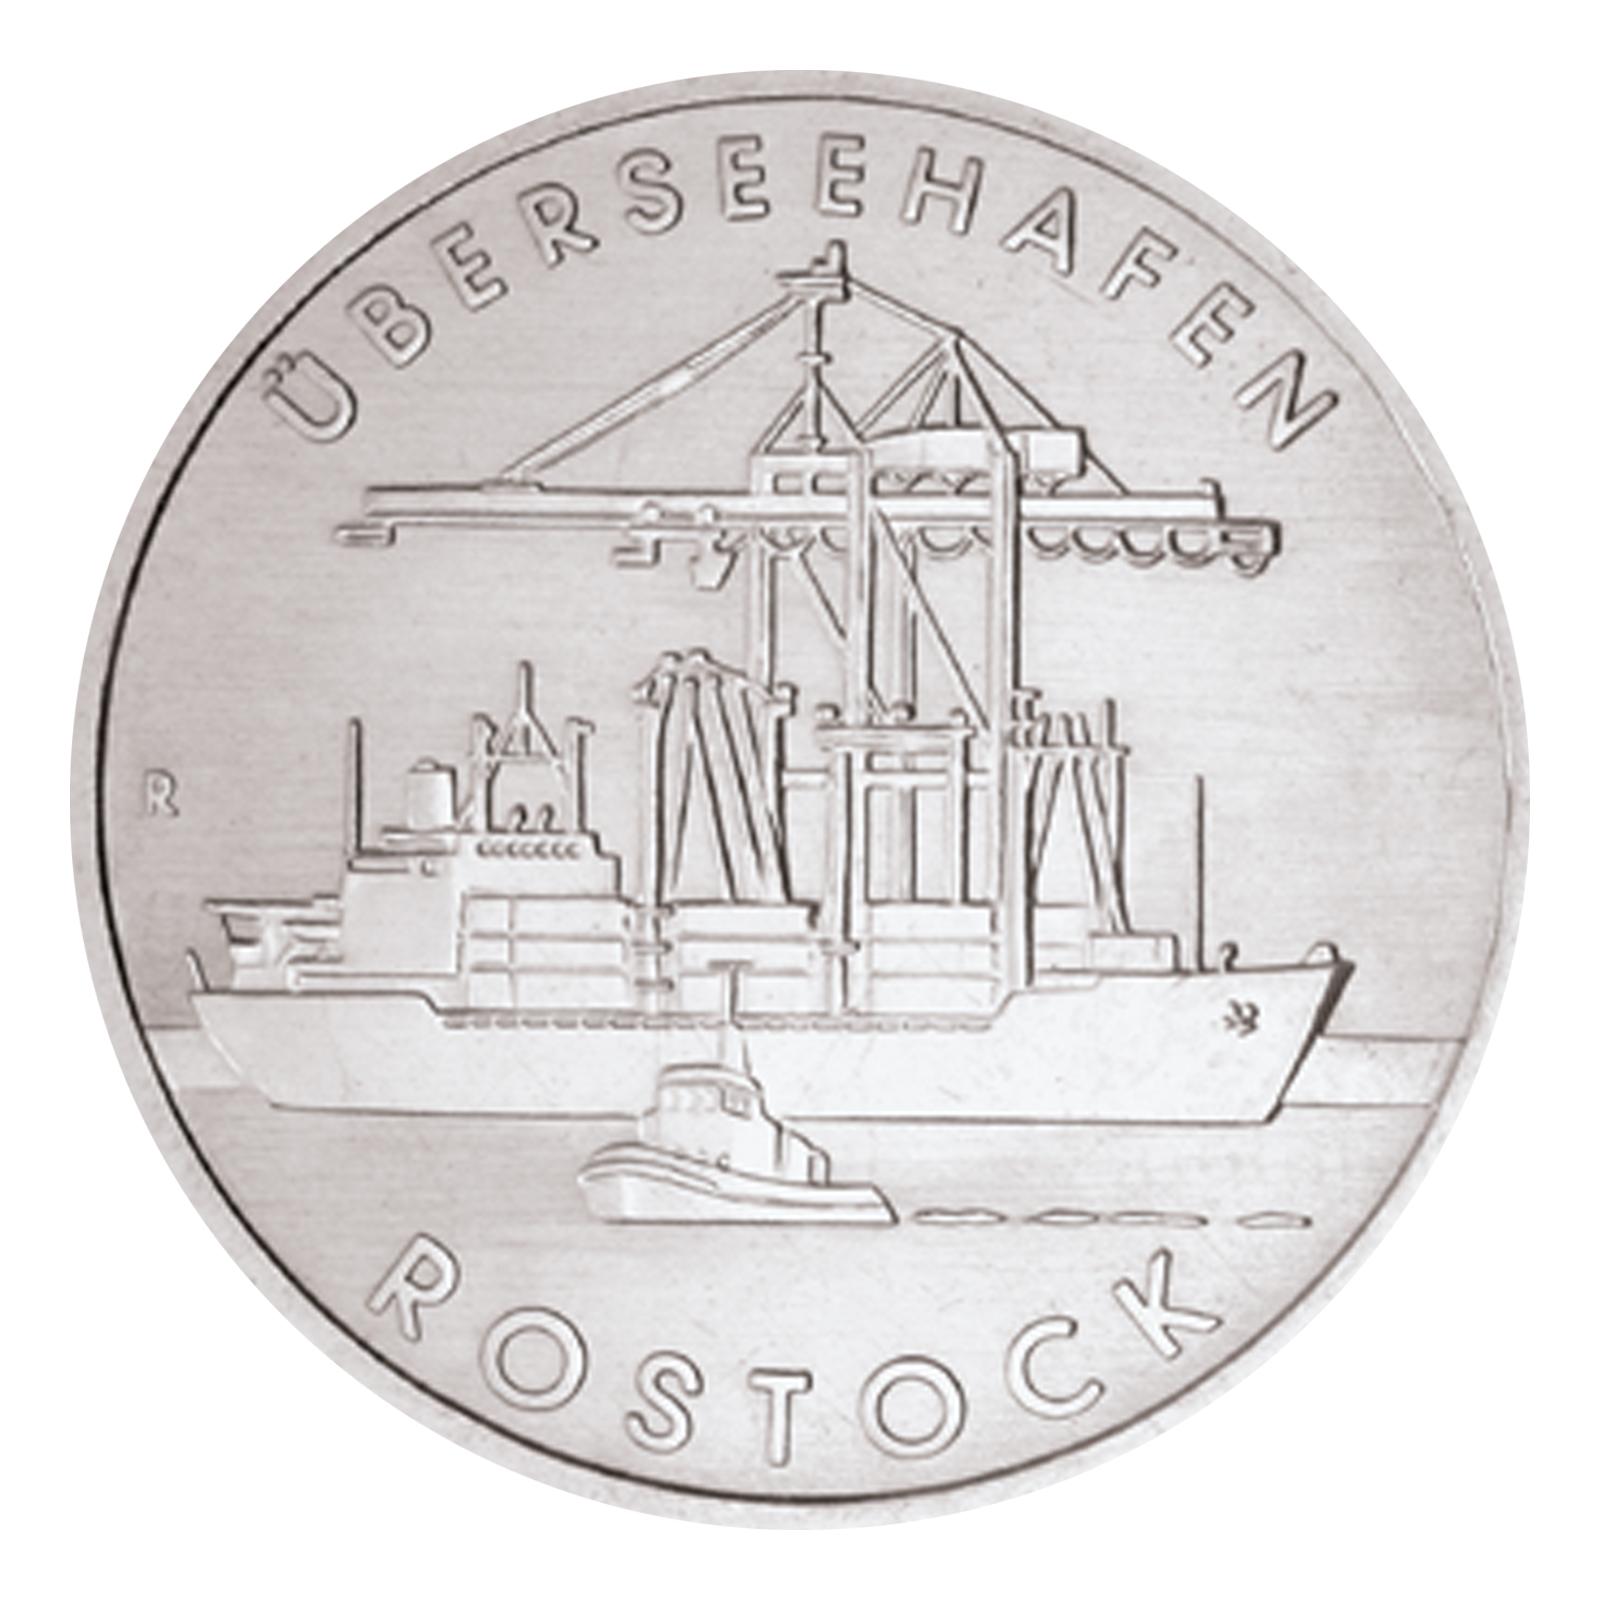 Jetzt Ausgegeben Brd 20 Euro 2018 800 Jahre Hansestadt Rostock